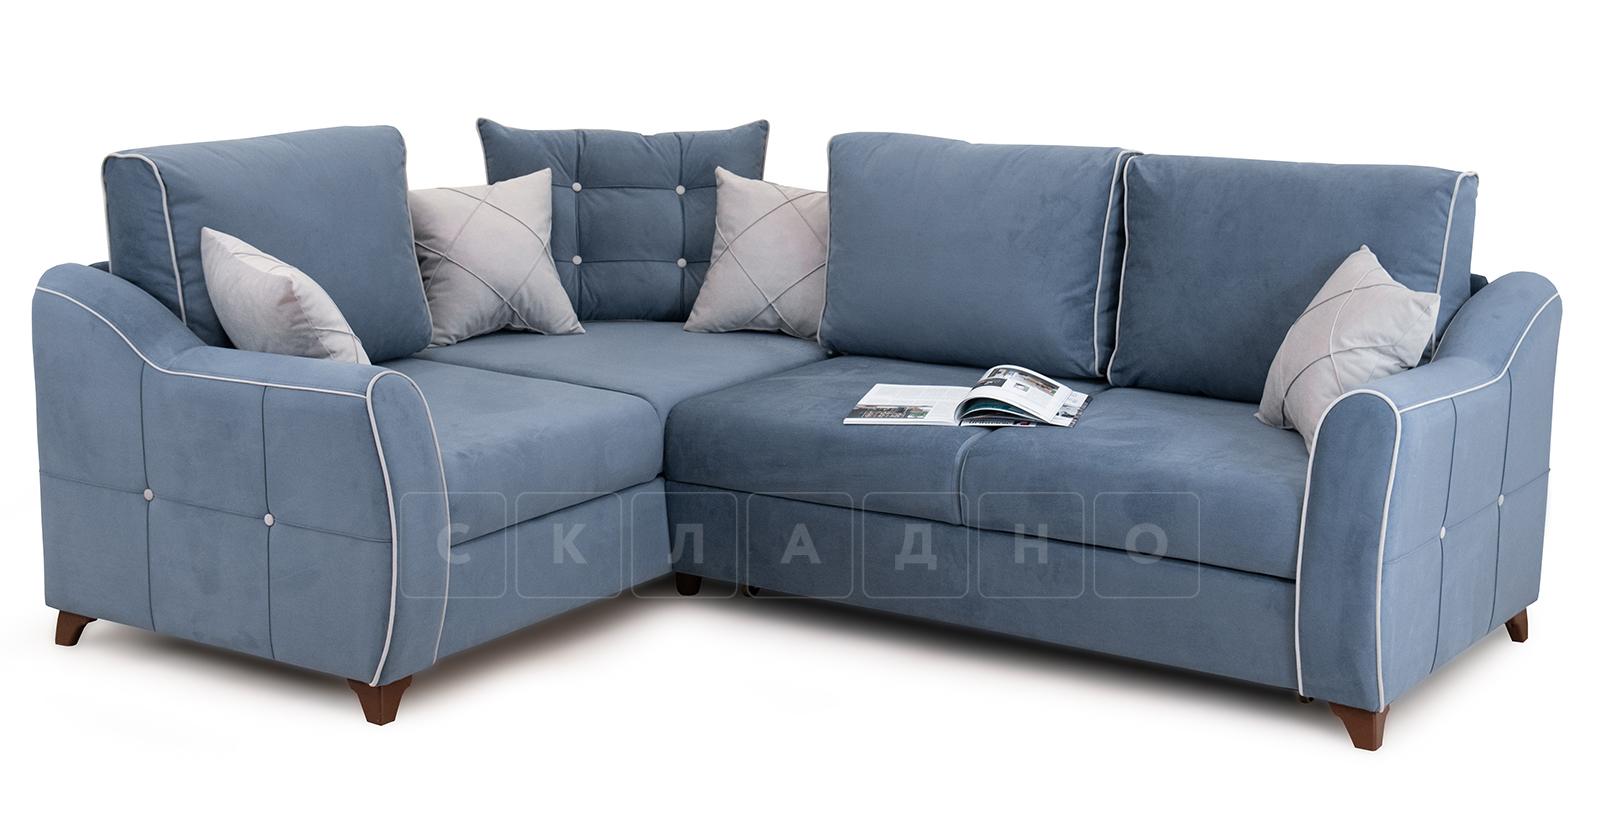 Диван-кровать угловой Флэтфорд серо-синий фото 7 | интернет-магазин Складно